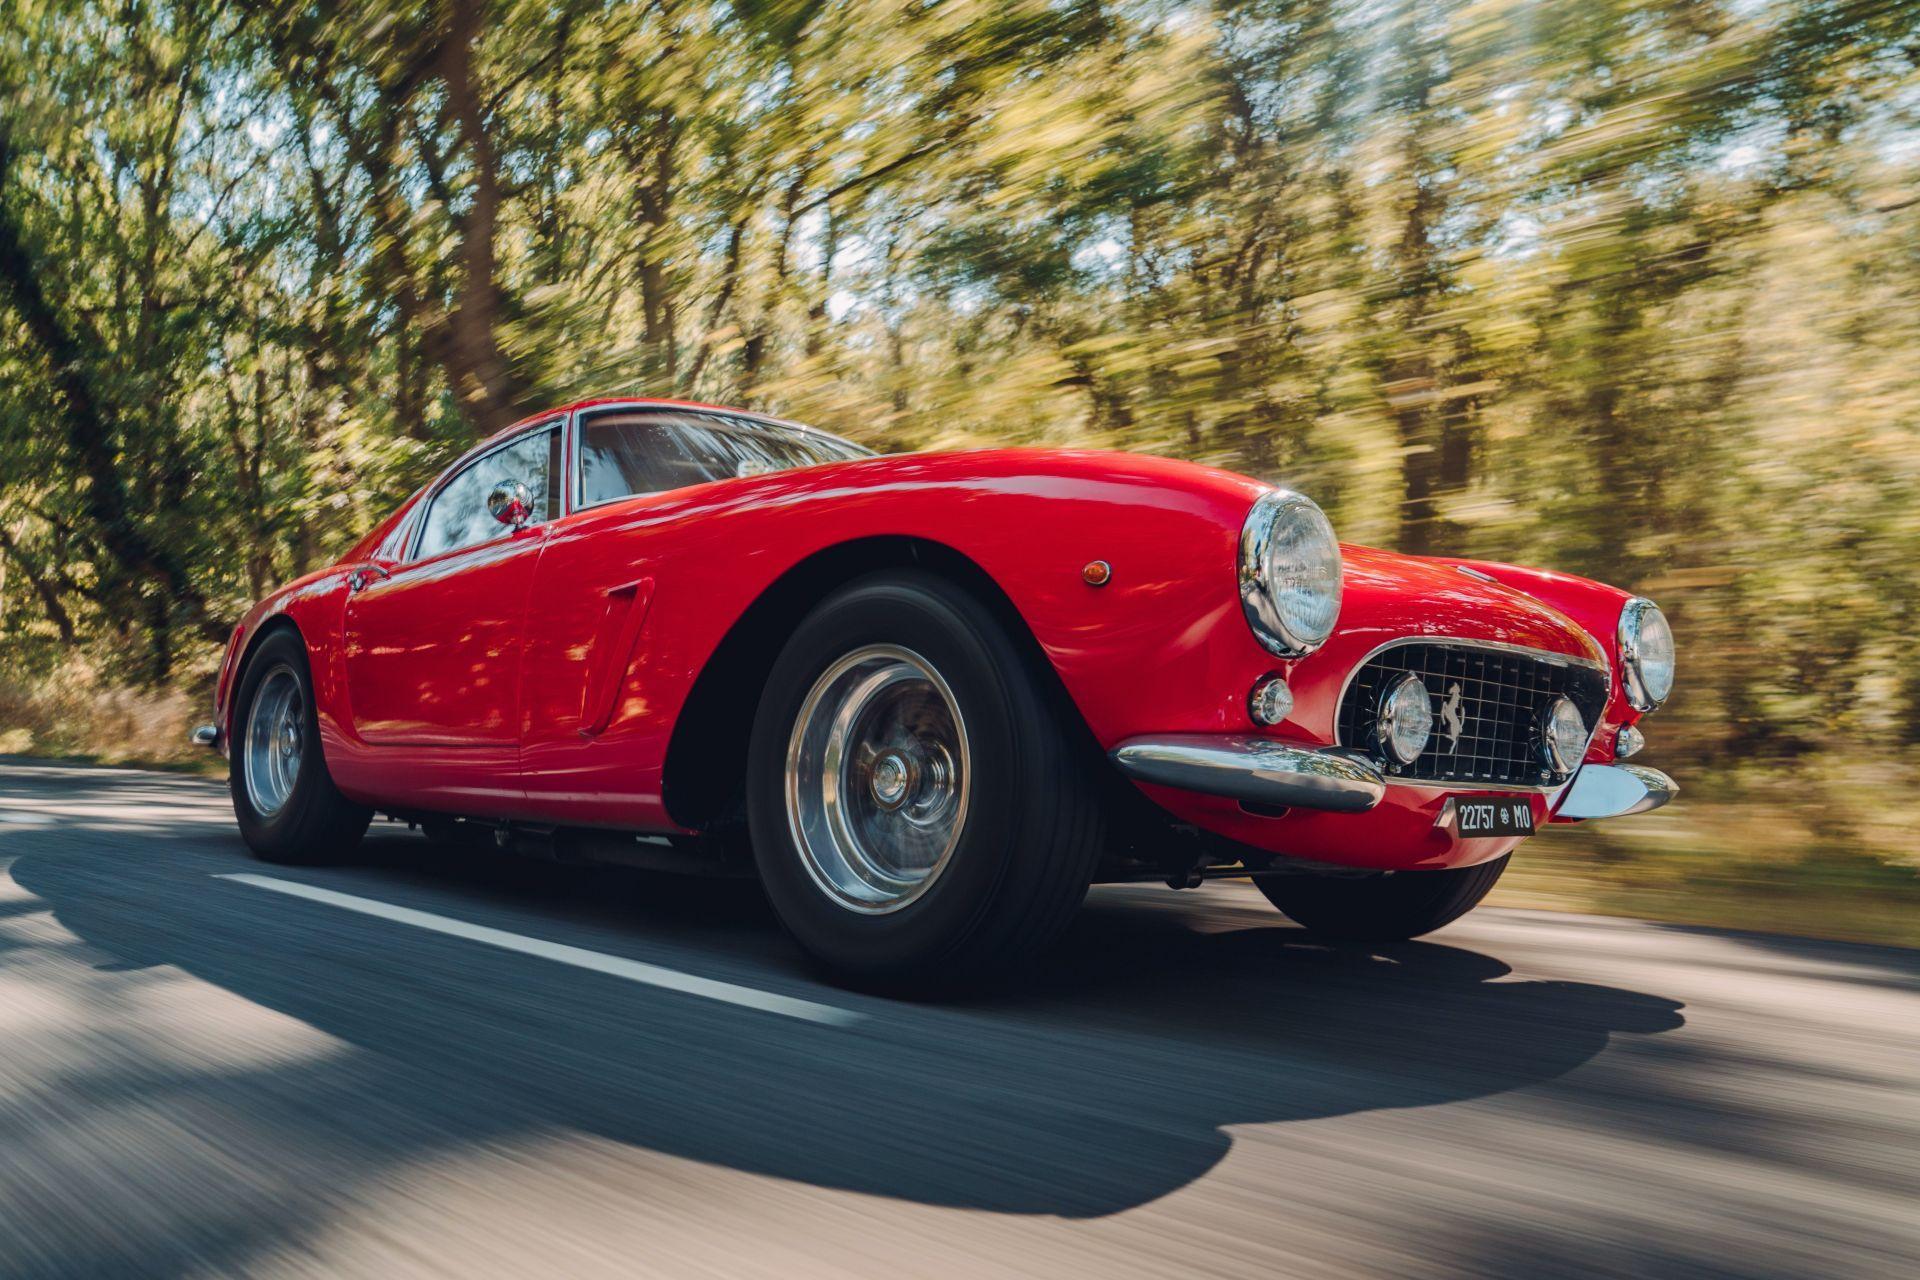 Ferrari-250-GT-SWB-Berlinetta-Competizione-Revival-by-GTO-Engineering-7